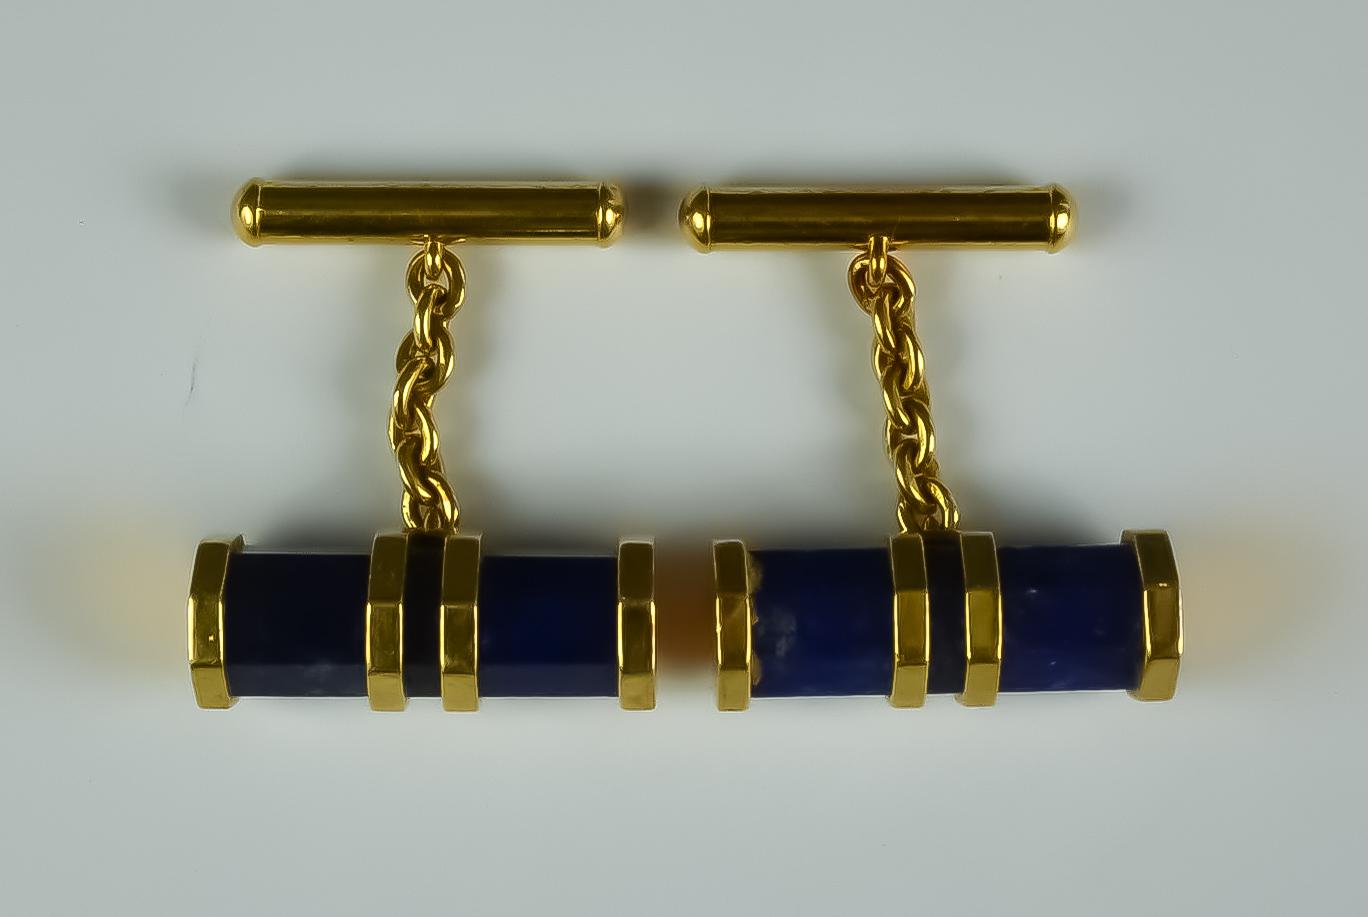 A Pair of 18ct and Lapis Lazuli Cufflinks, gross weight 16.2g